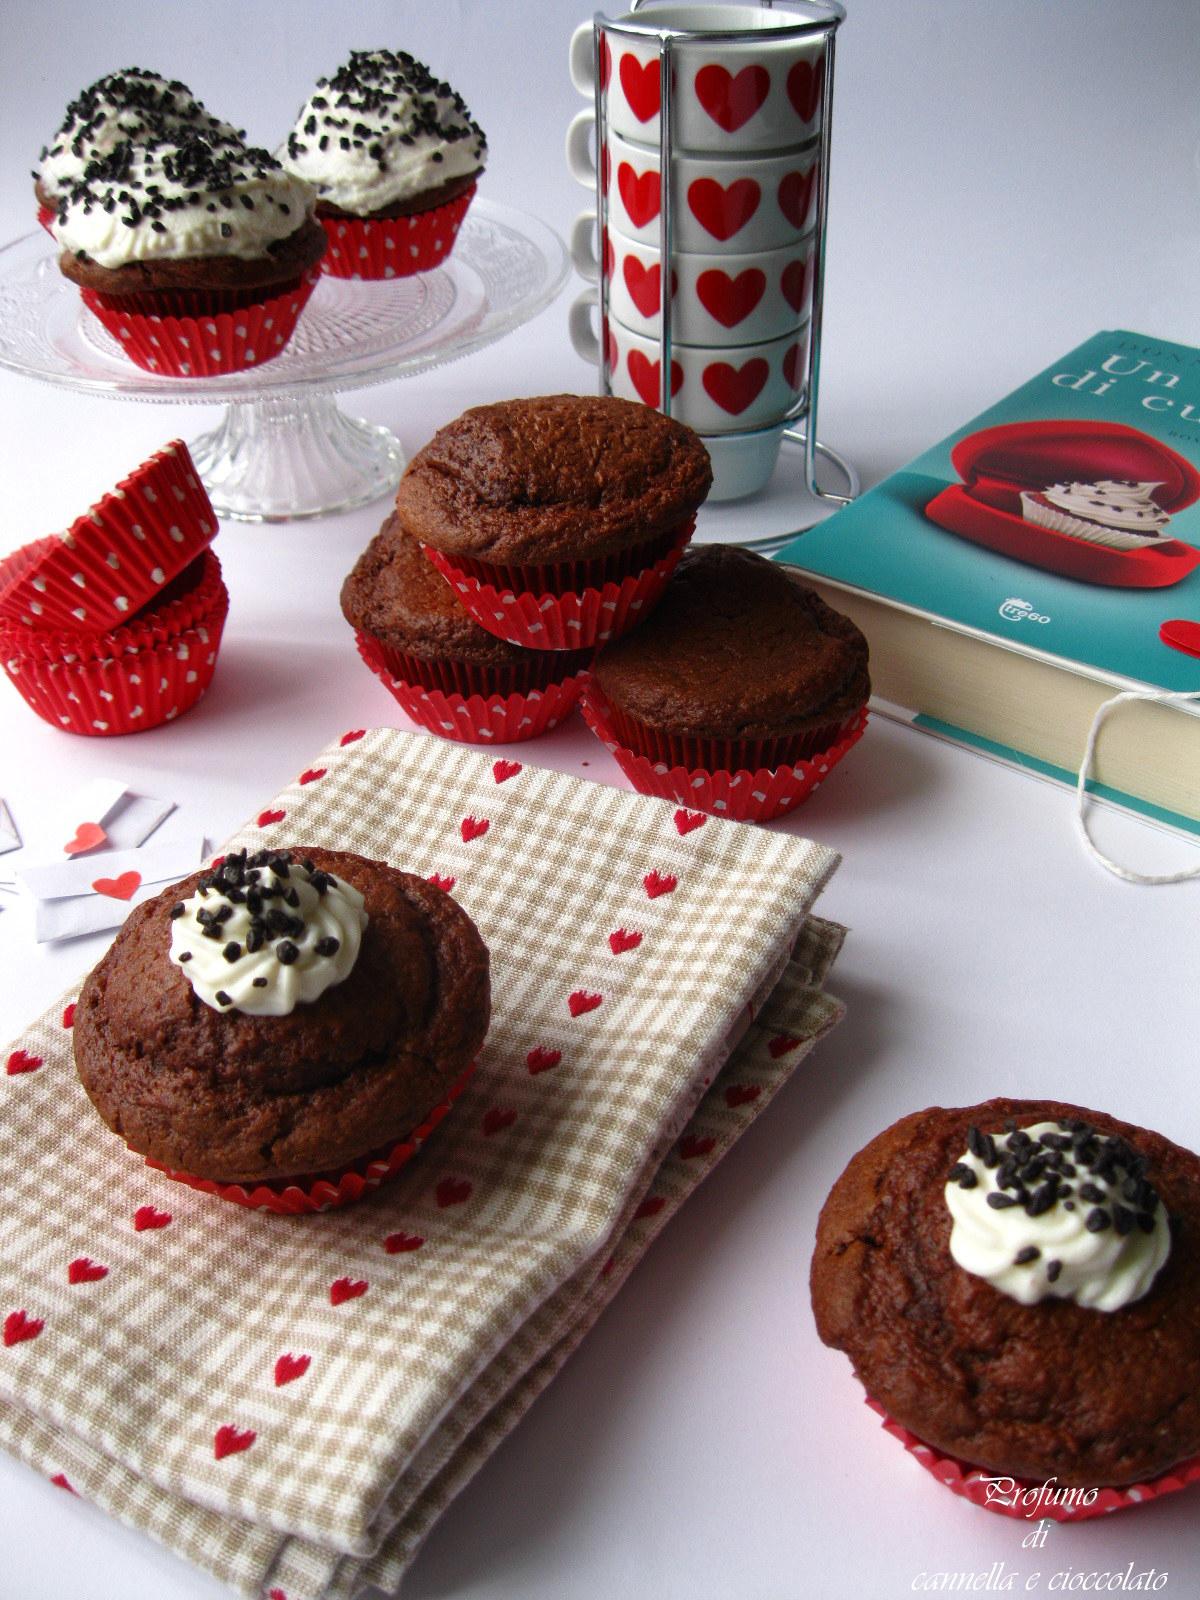 Cupcake alla rapa rossa con crema alla ricotta e nutella (5)